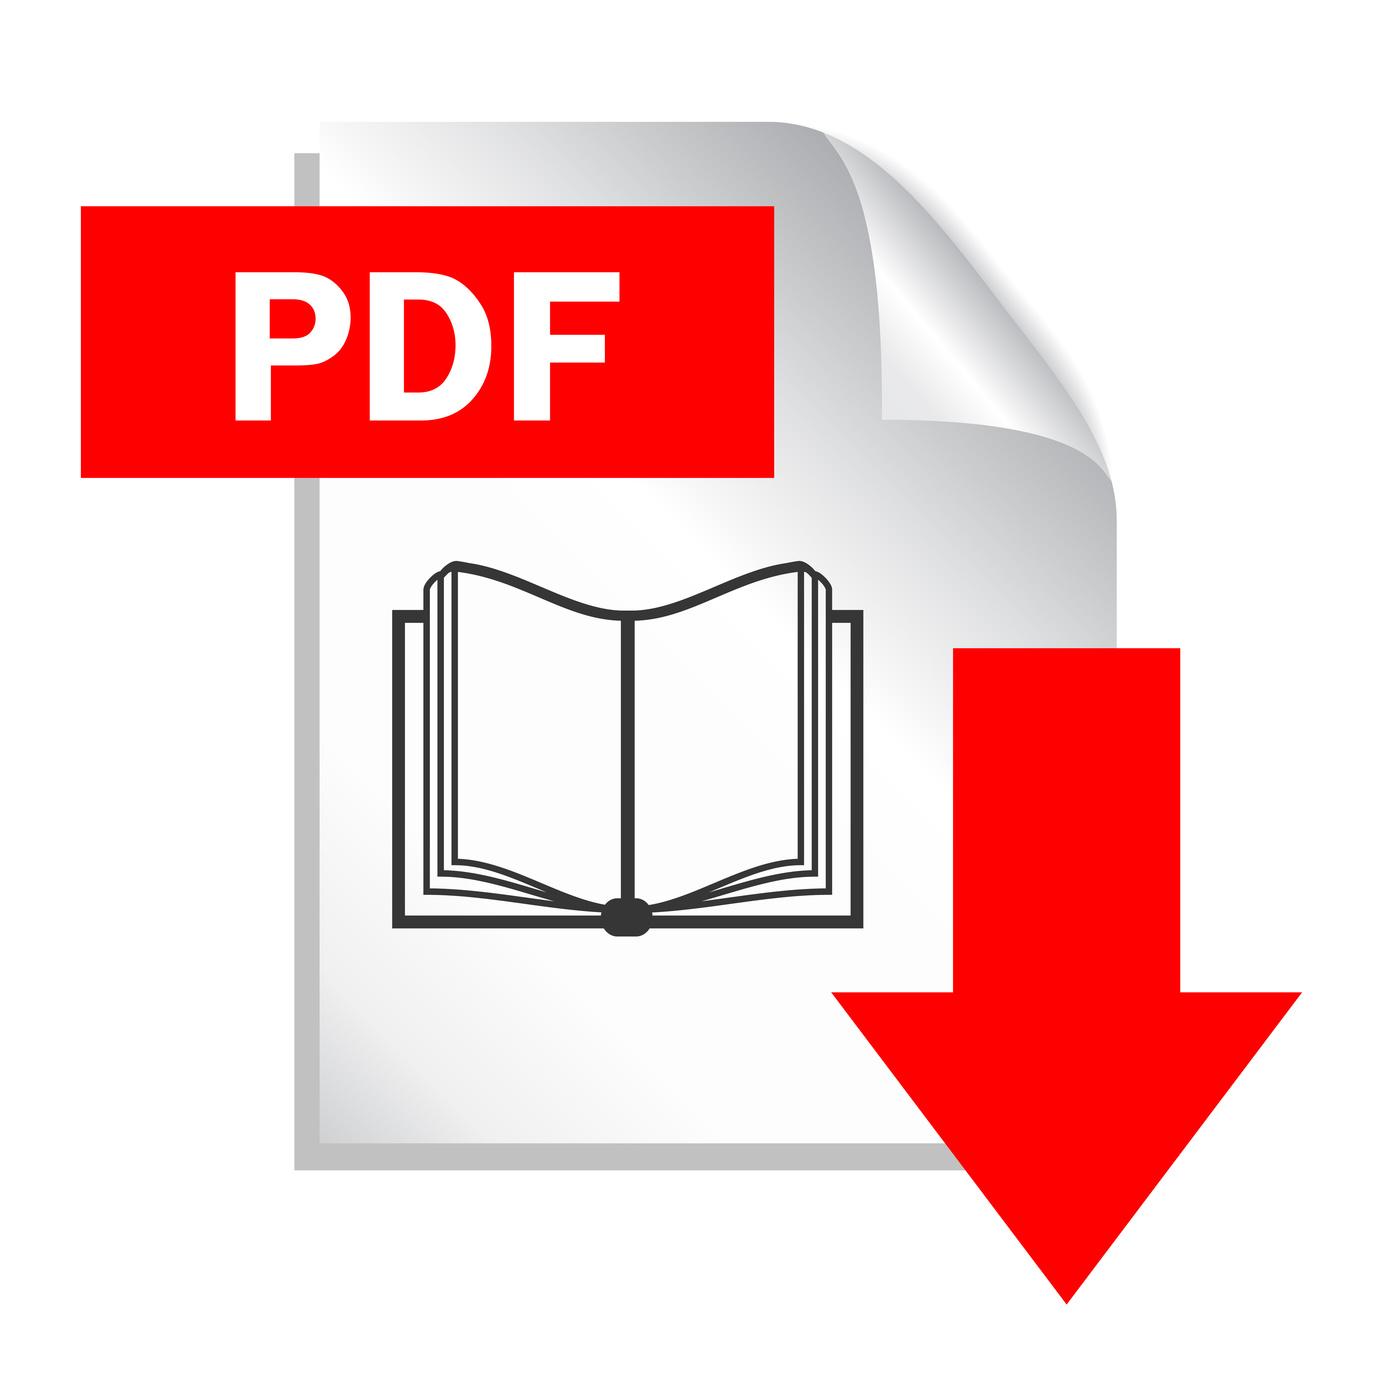 pdf-dingbat.jpg